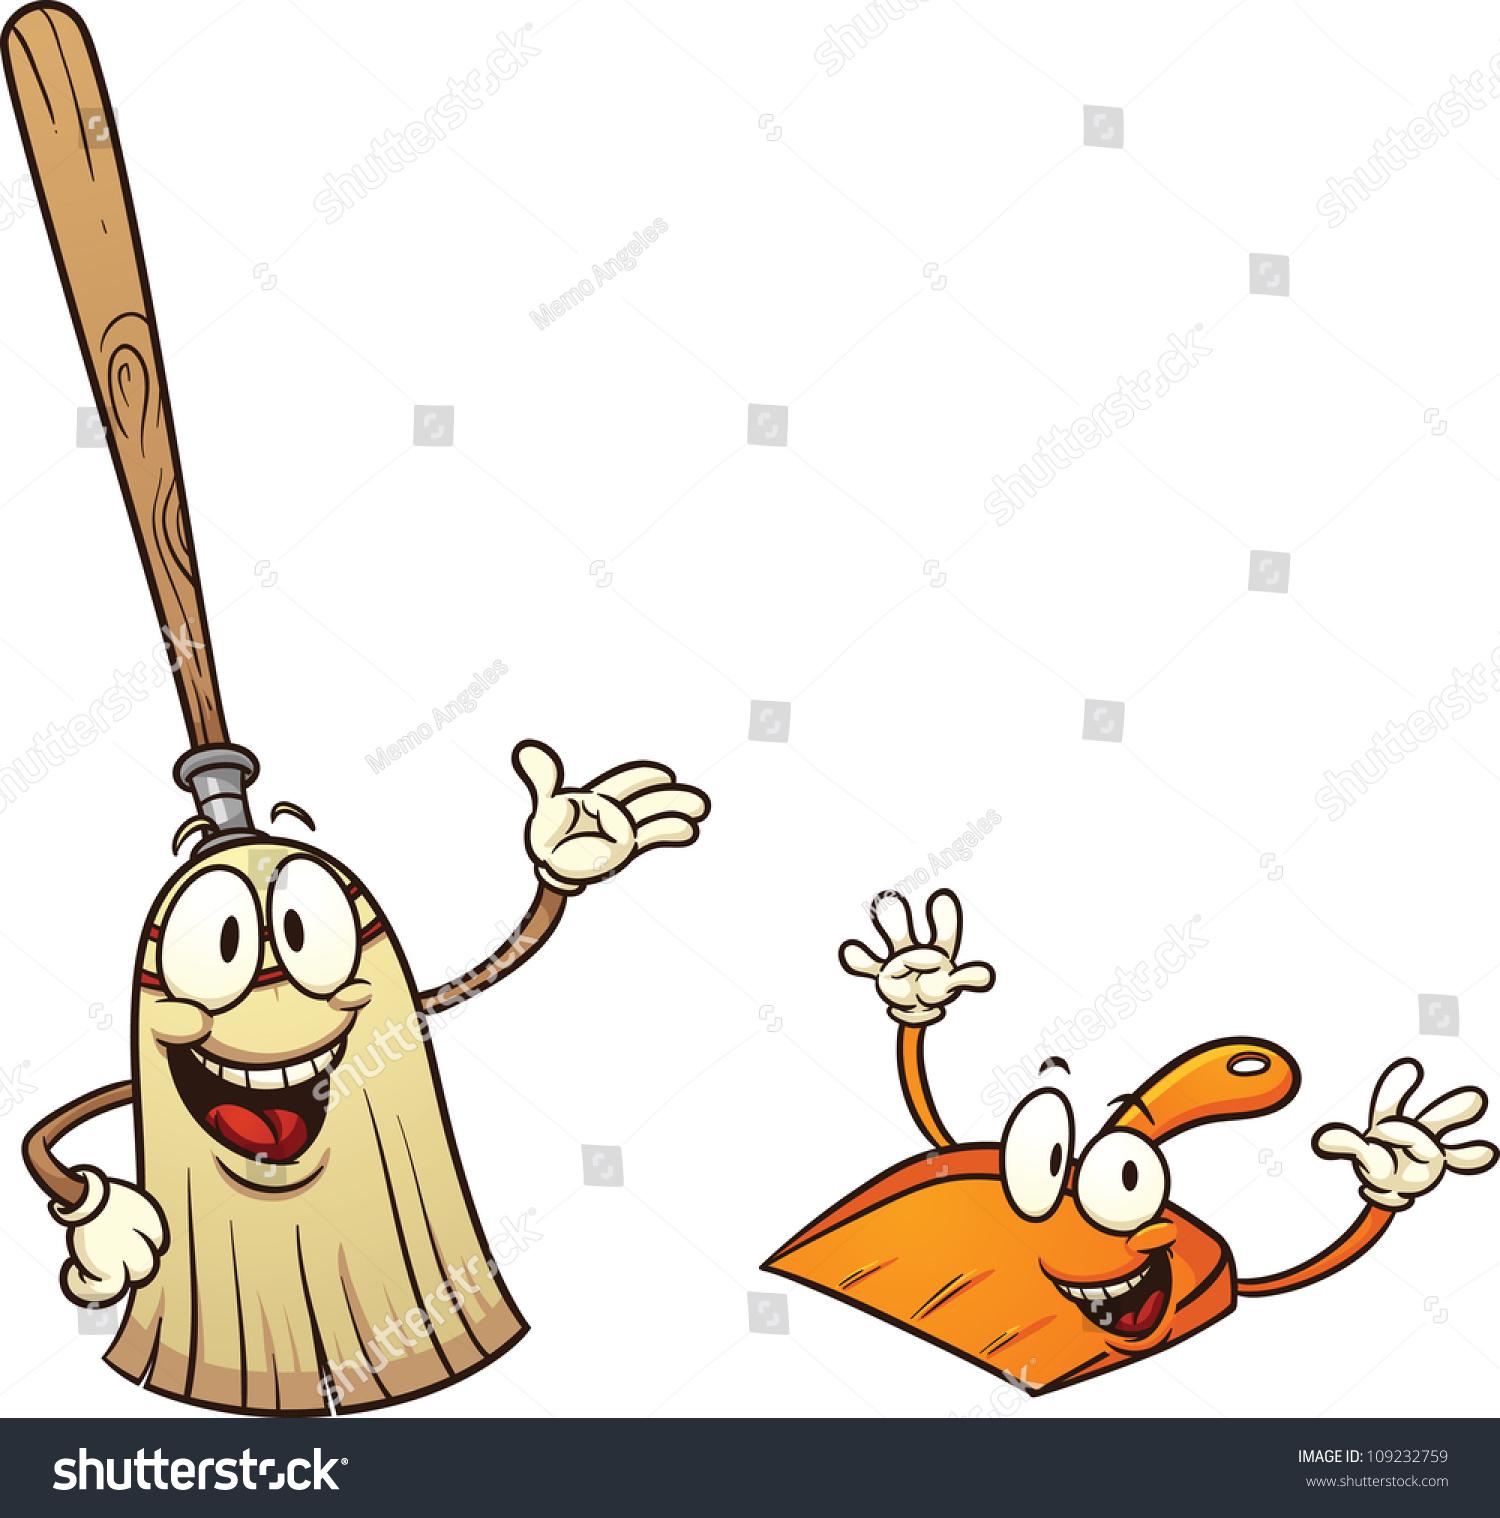 Cute Cartoon Broom Dustpan Vector Illustration Stock